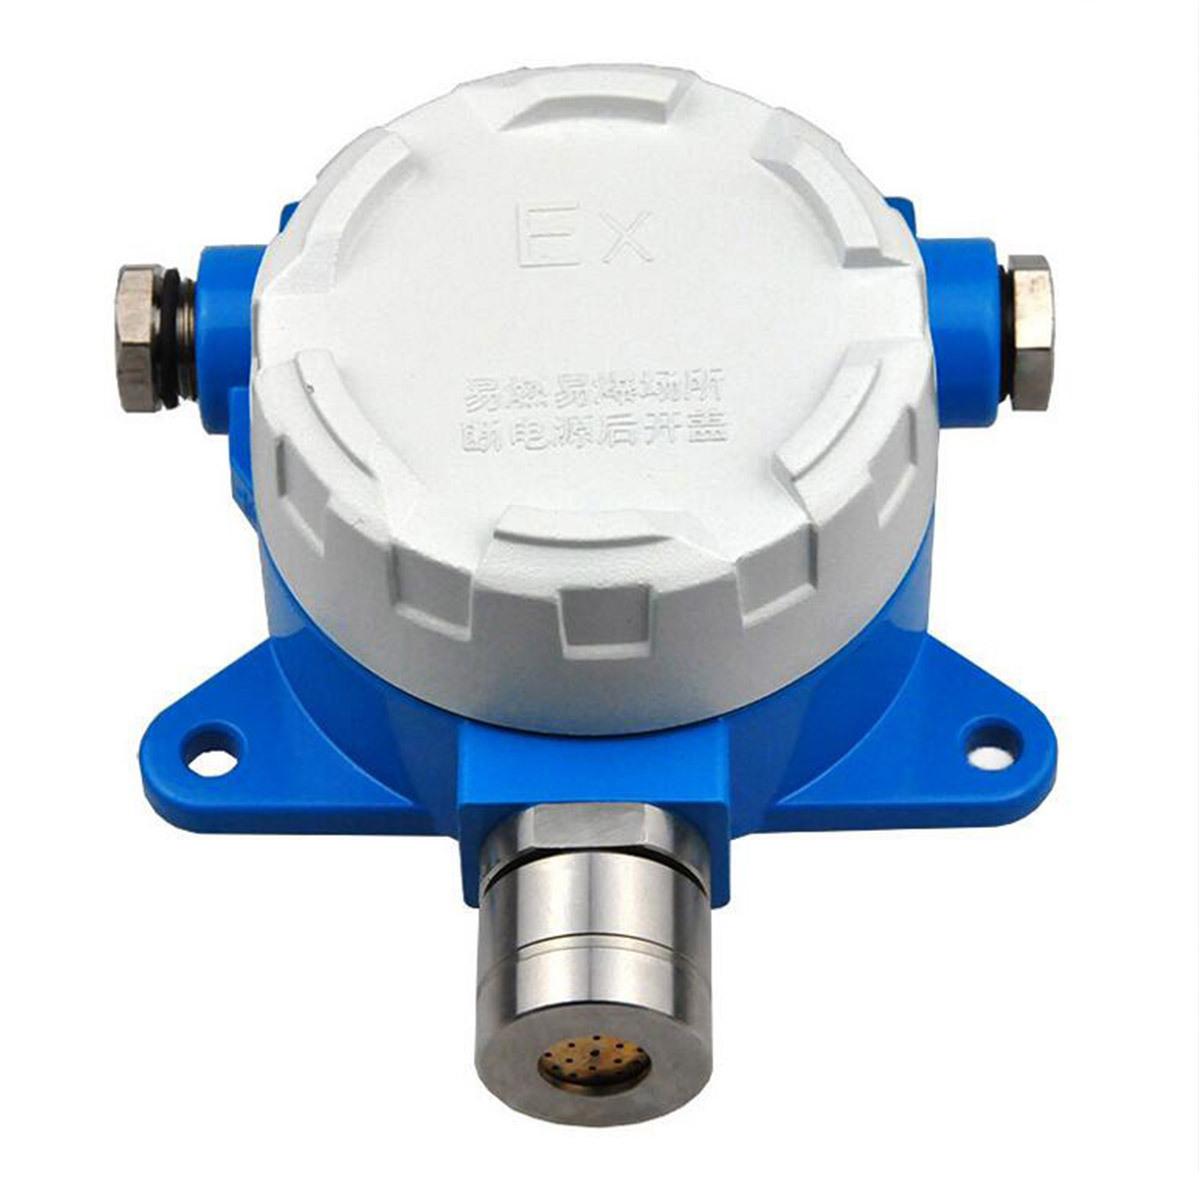 甲烷检测仪红外探头进口传感器高精度带联动装置RS485厂家直销